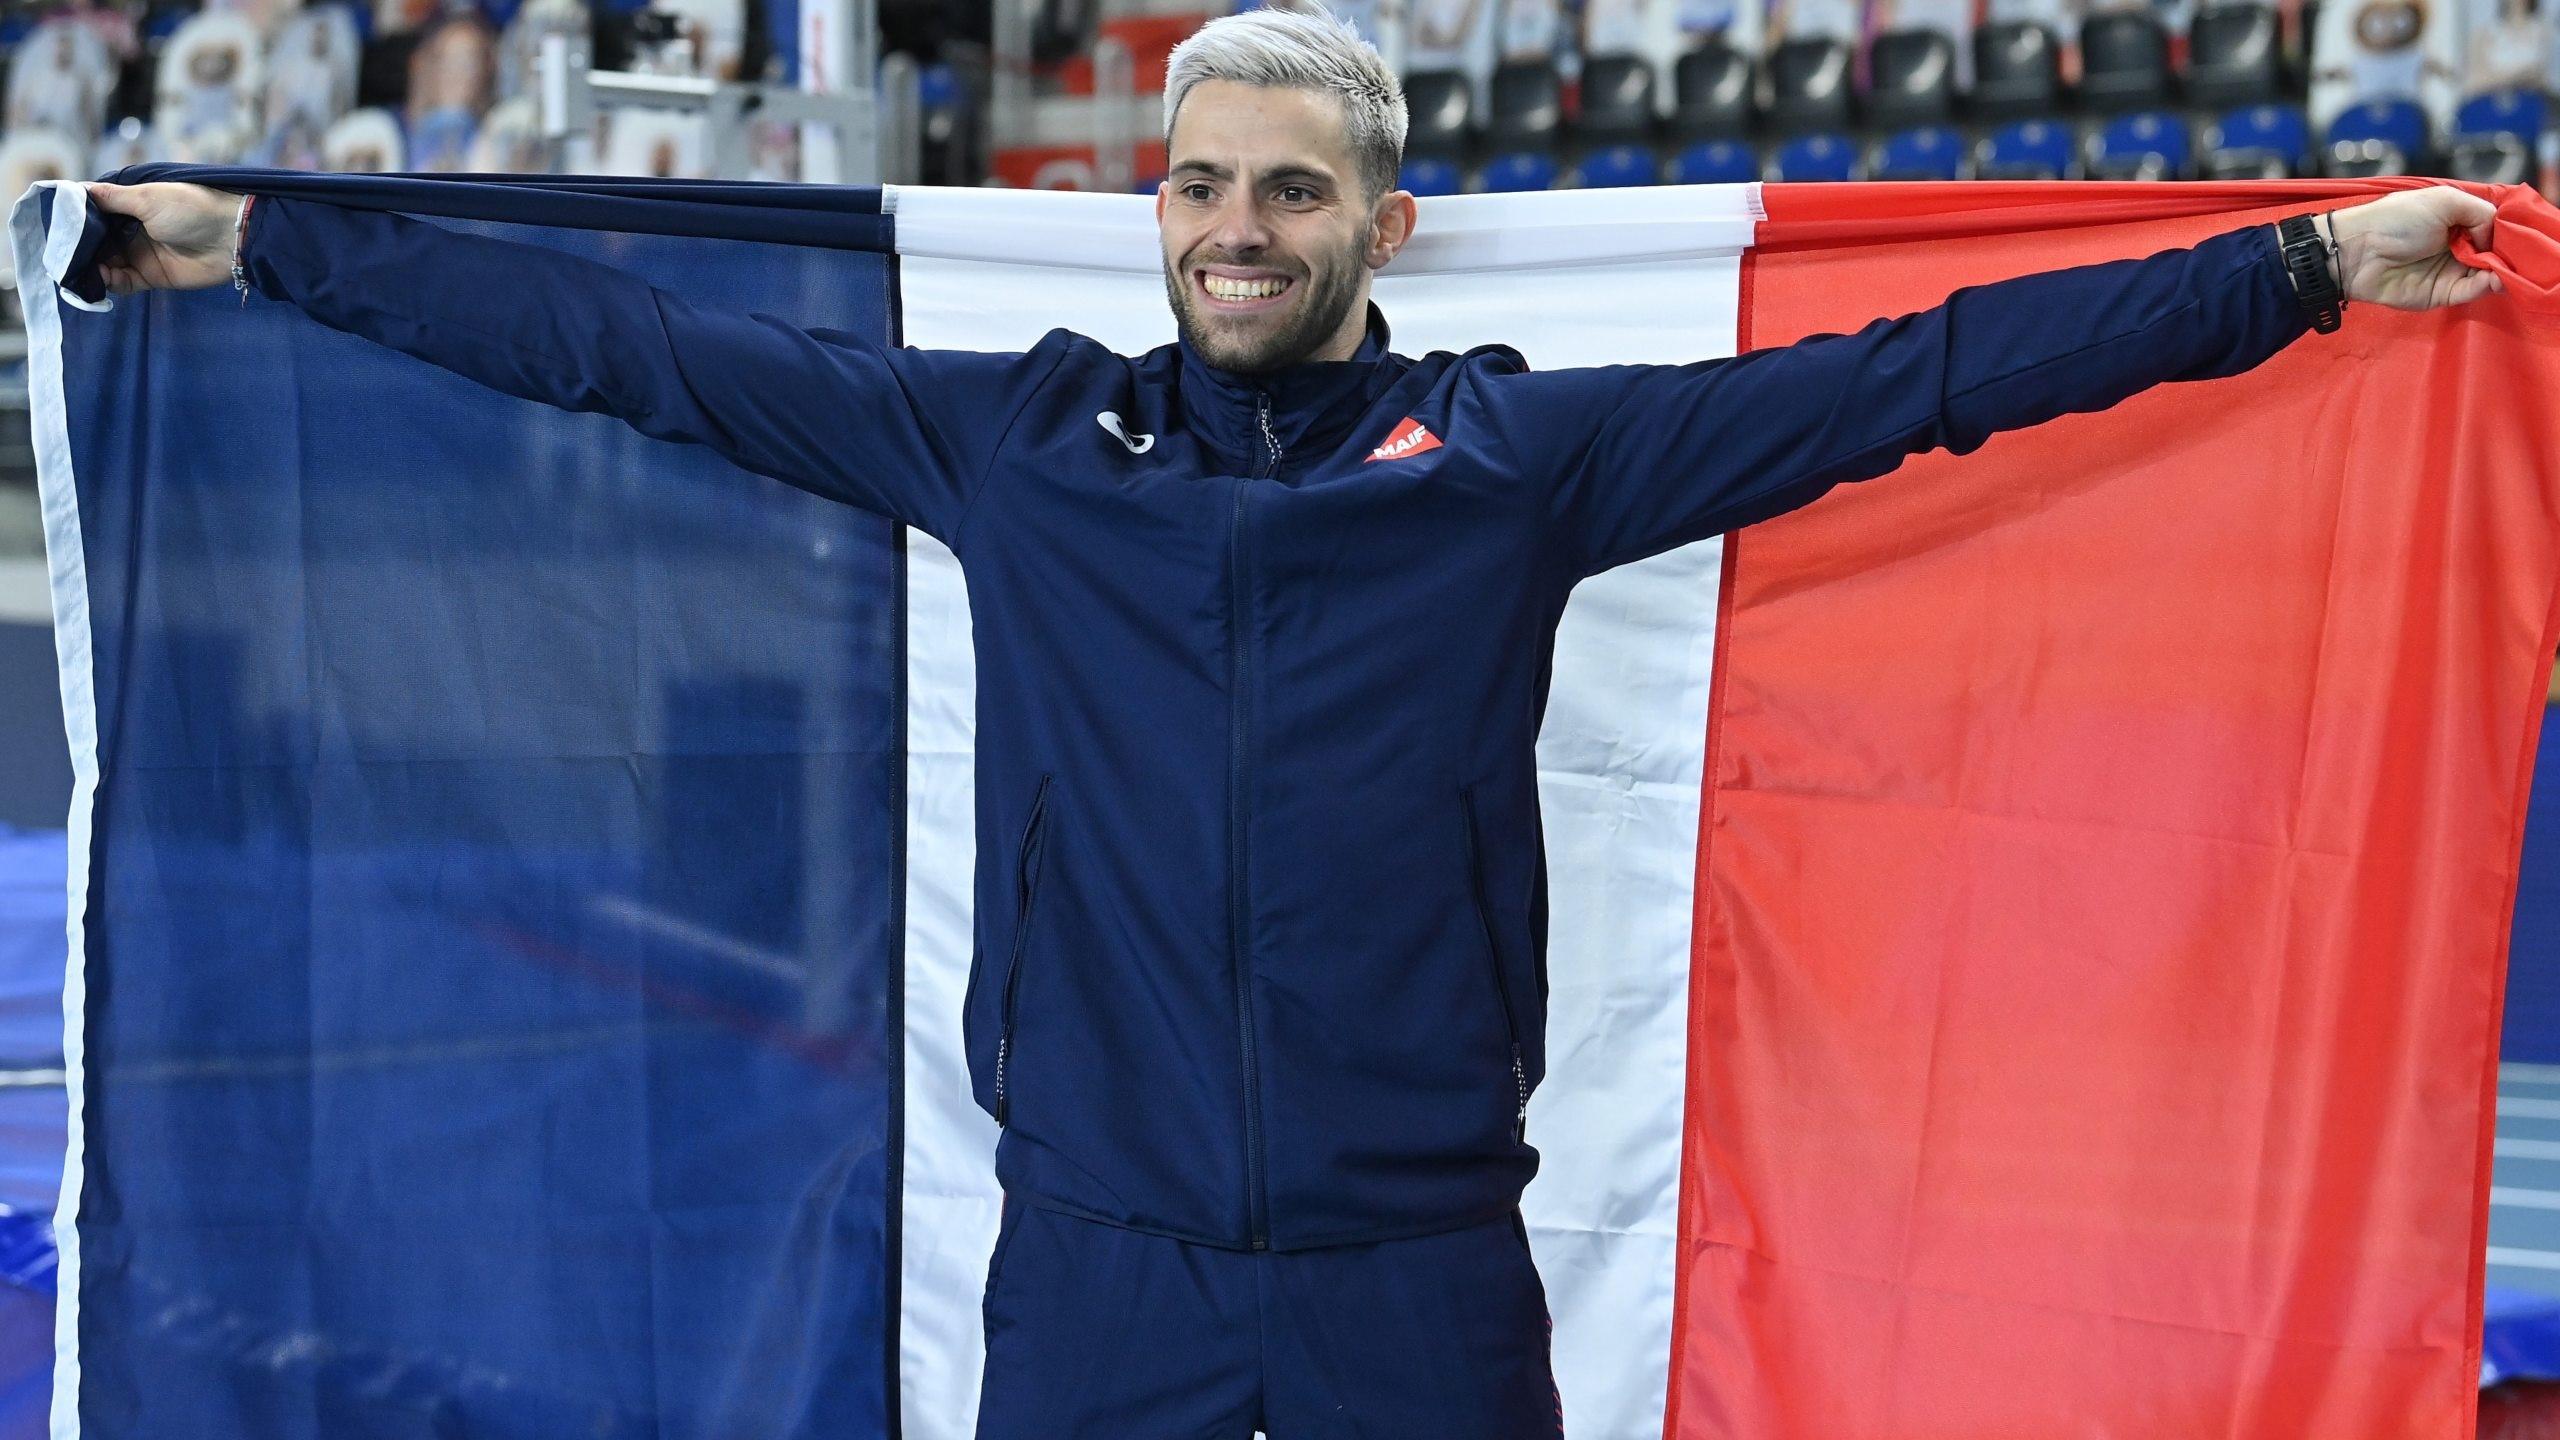 Athlétisme - Torun 2021 / Perche : Valentin Lavillenie vice-champion d'Europe, derrière Duplantis - Eurosport FR